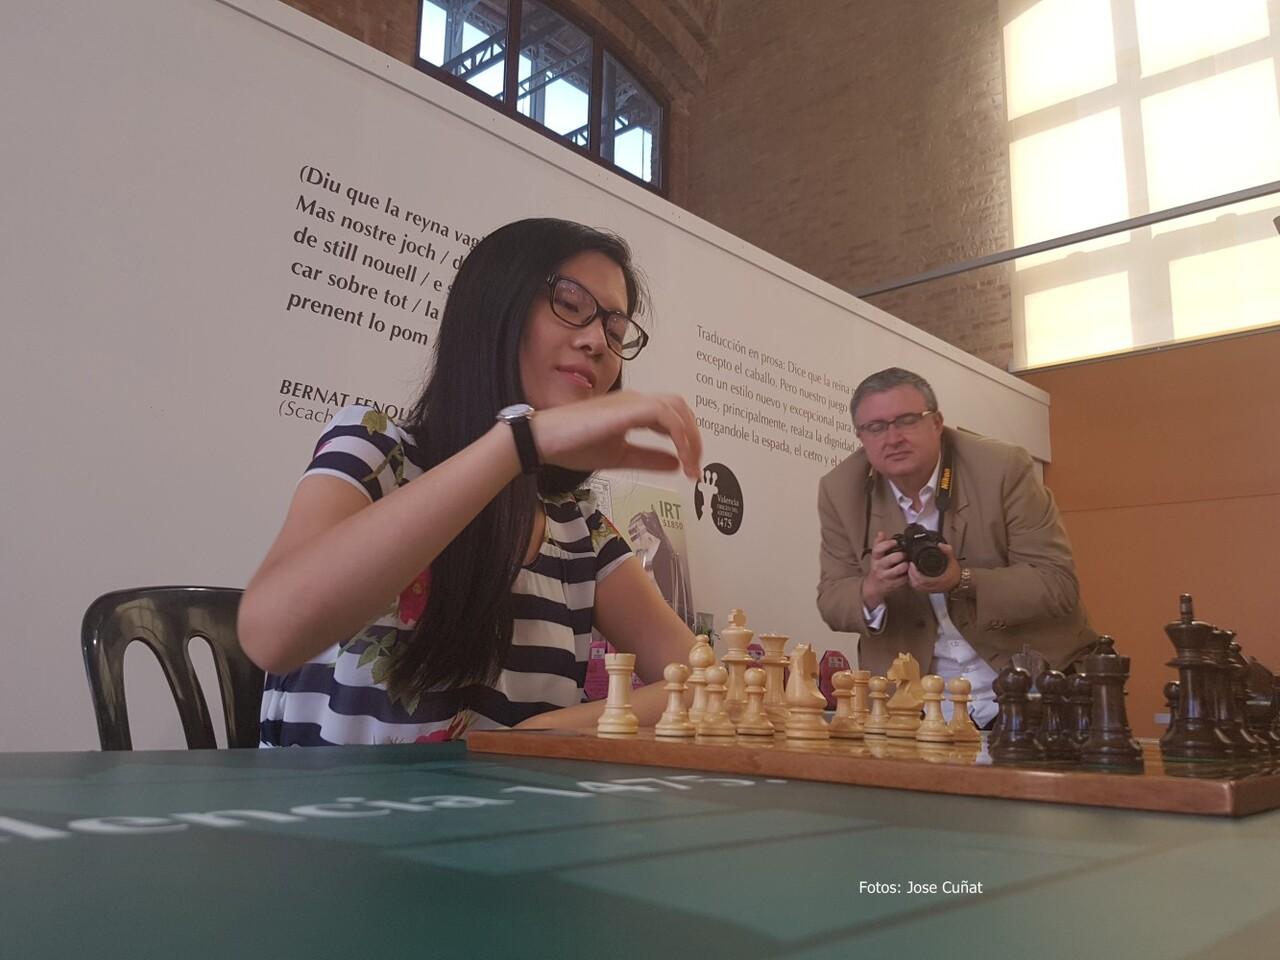 Hou Yifan campeona mundial de ajedrez en la presentación del Festival Internacional de Ajedrez ' class=